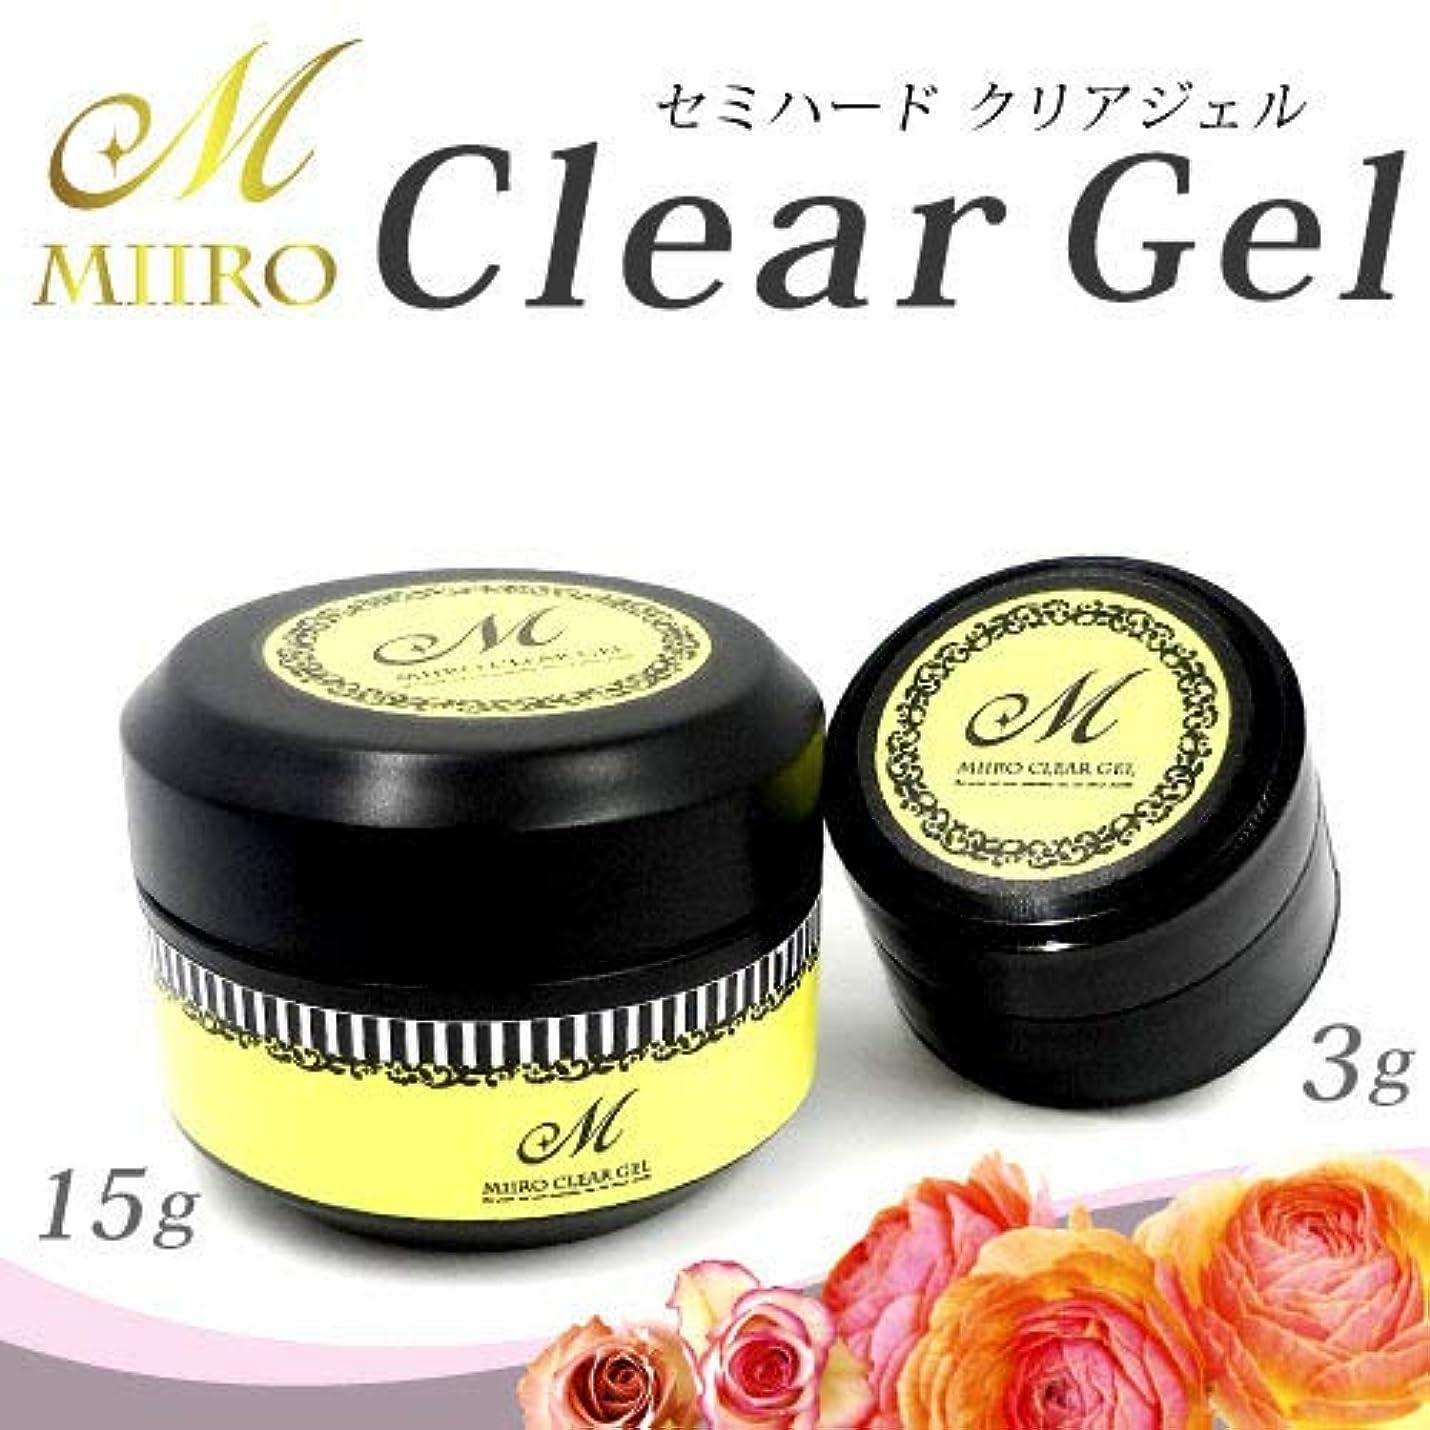 セミハードクリアジェル 美色 Miiro(3g)UV&LED対応